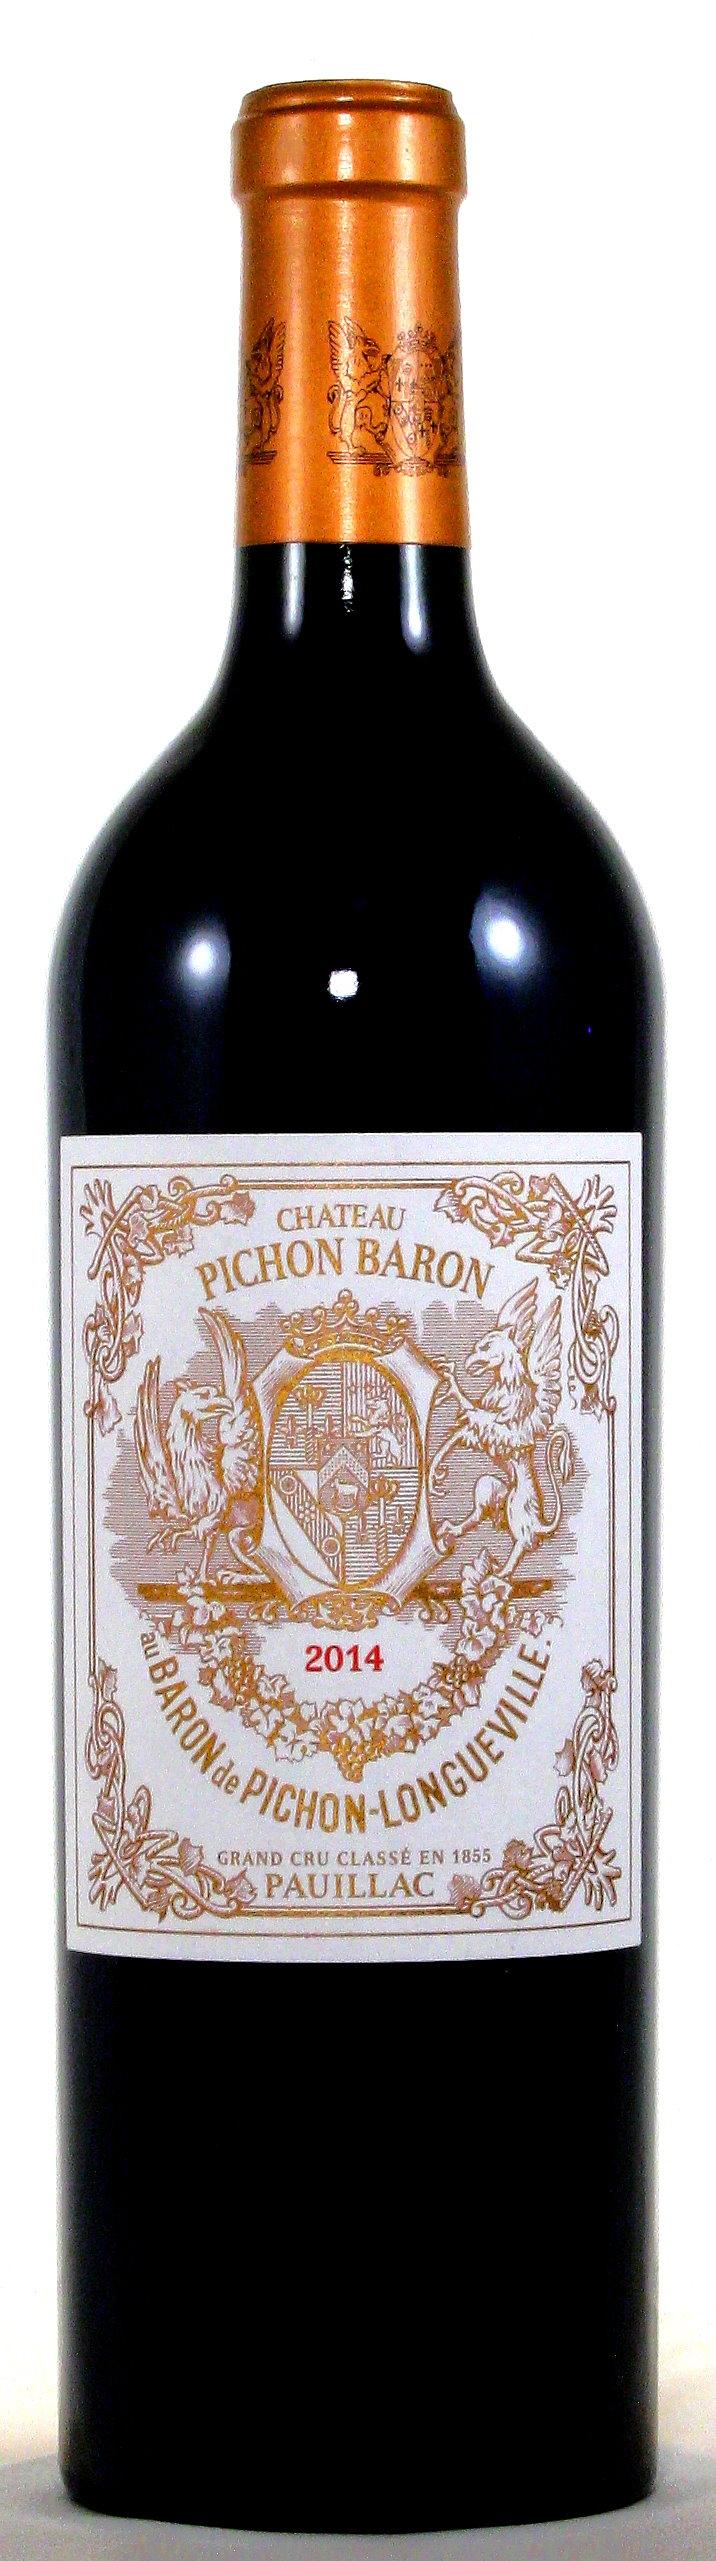 2014 Château Pichon-Longueville Baron, Pauillac, Médoc Bordeaux